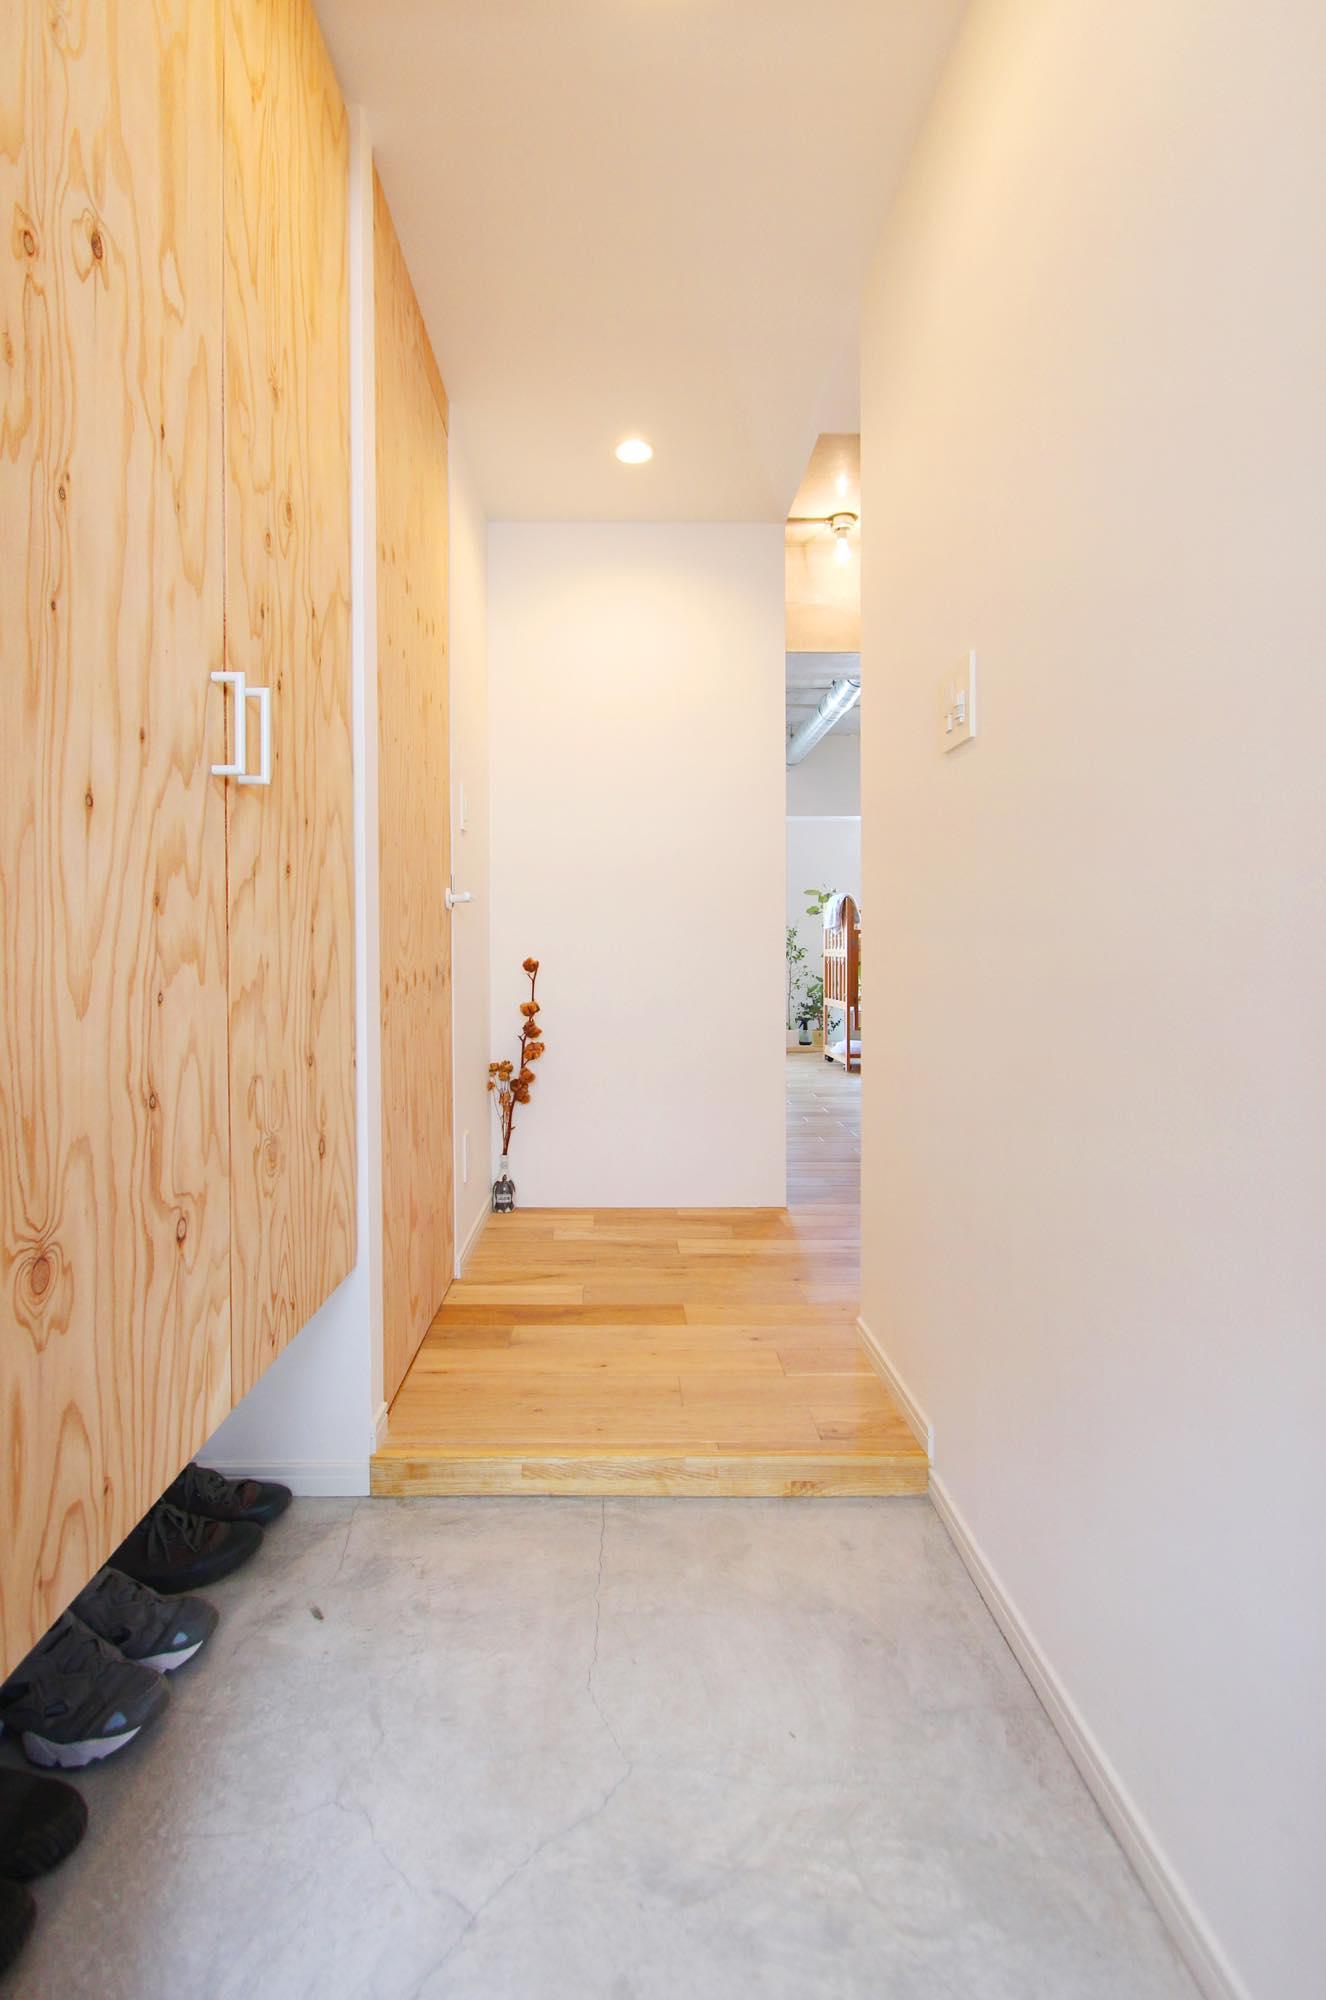 モルタル仕上げの玄関。玄関にもLDのテイストと合わせて、モクを使った下足箱を設置。